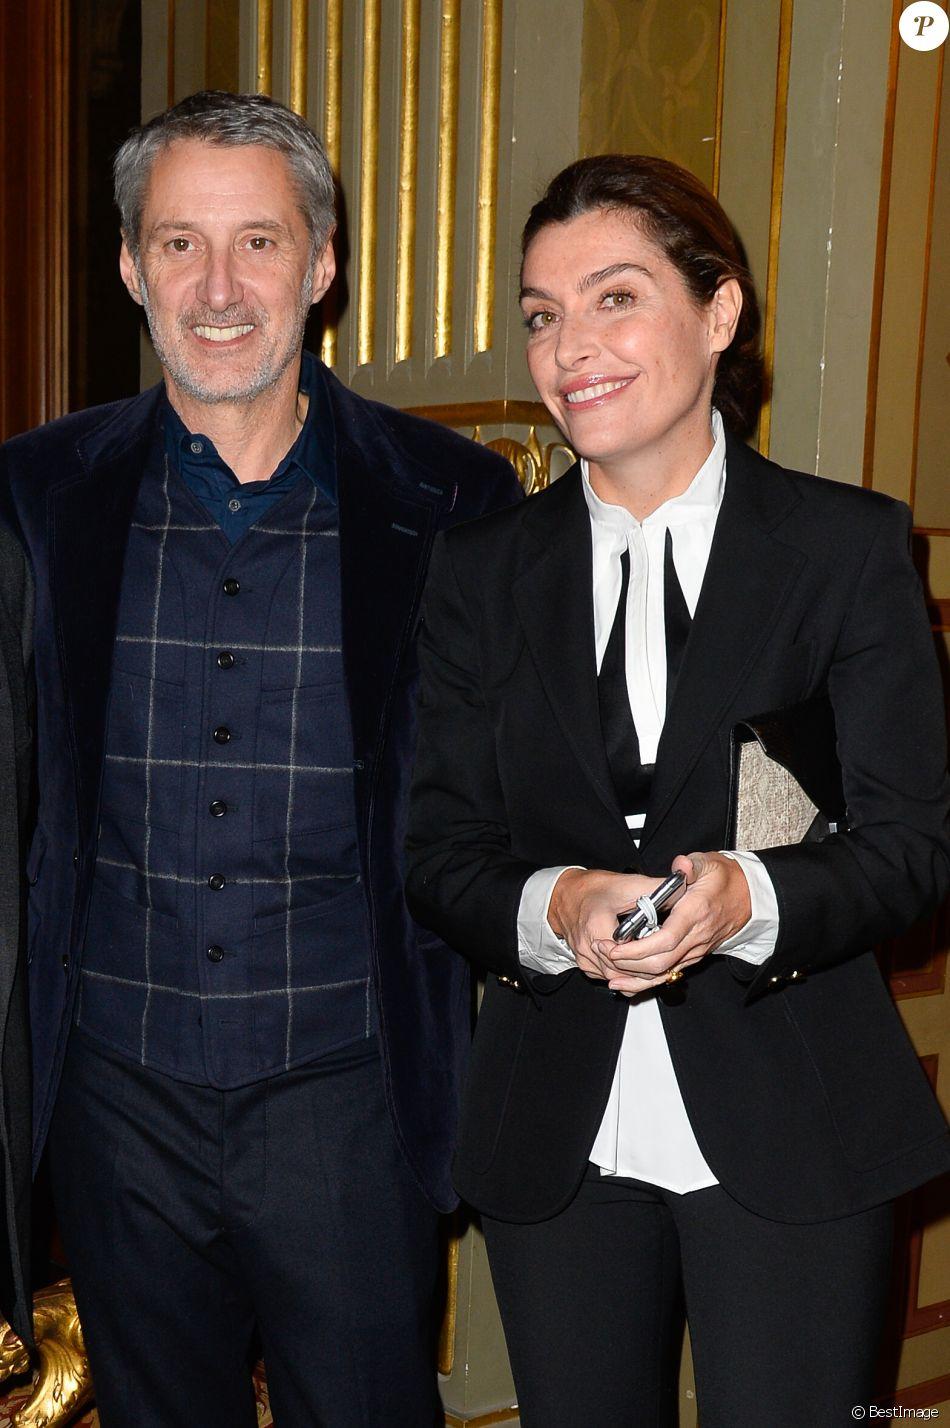 Exclusif - Antoine de Caunes et sa femme Daphné Roulier à la soirée des Distinctions de la FIDH (Fédération Internationale des Droits de l'Homme) à l'Hôtel de Ville à Paris, le 6 décembre 2016. © Guirec Coadic/Bestimage